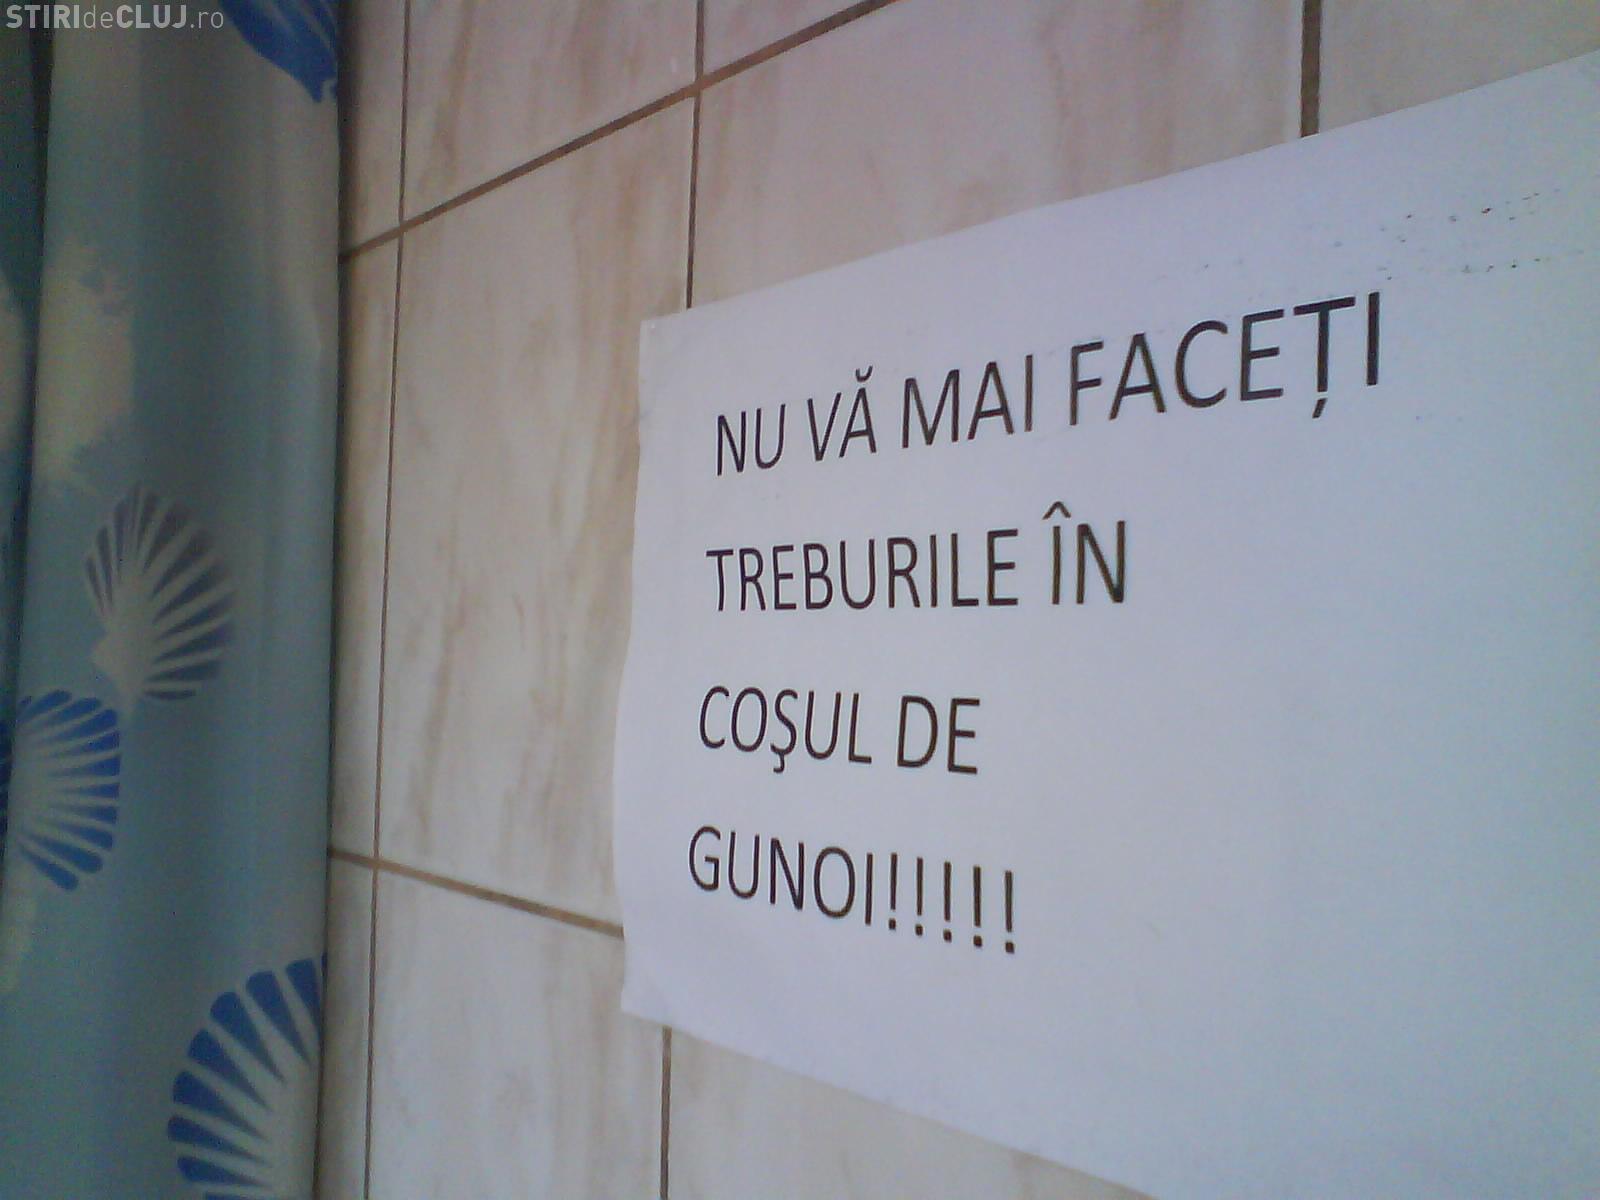 """""""Nu va mai faceti treburile in cosul de gunoi!"""" - Mesaj pentru studentele din caminele campusului Hasdeu FOTO"""